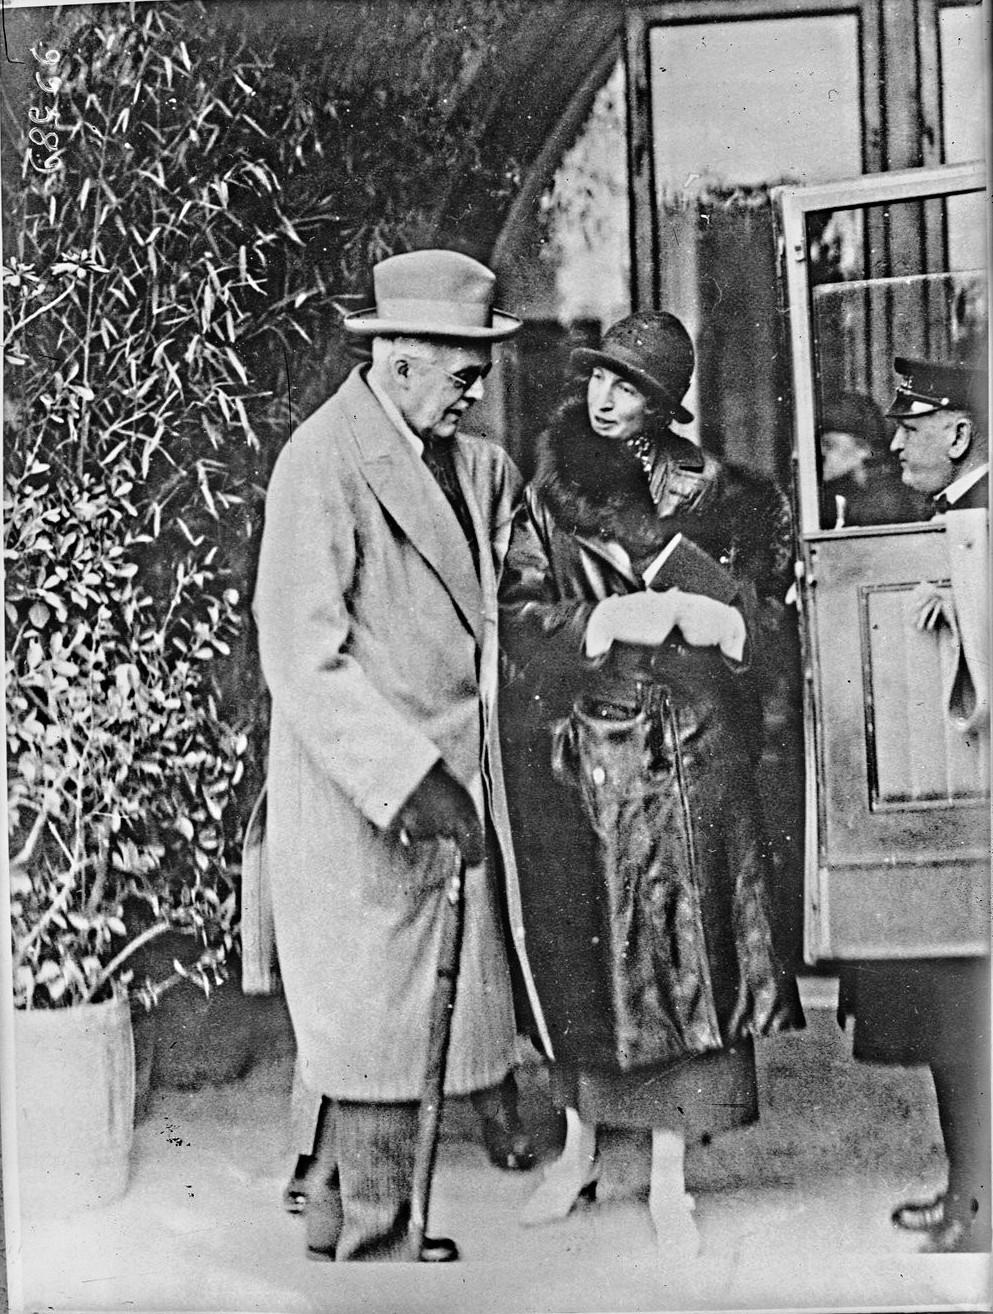 1924. Лорд Бальфур и его племянница миссис Ласкелл покидают отель Бертолини в Неаполе по дороге в Палестину